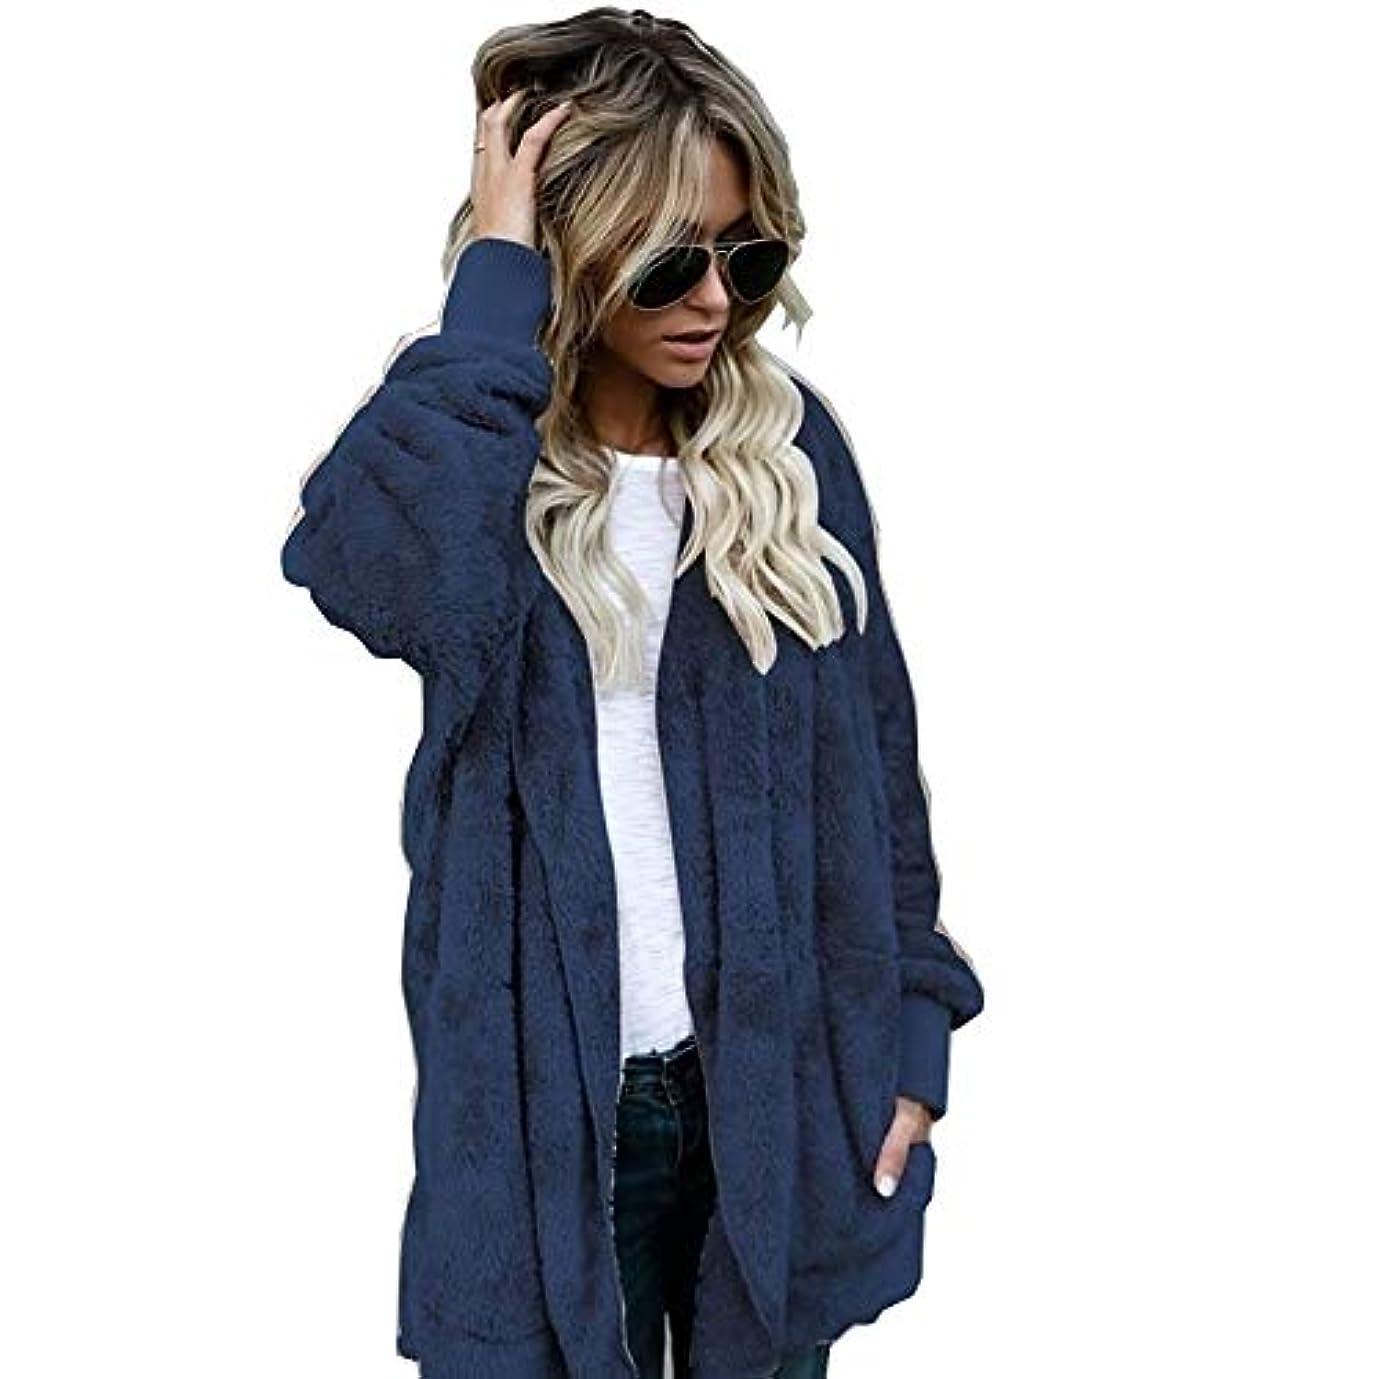 こどもの日接地反論MIFAN 長袖パーカー、冬のコート、女性のコート、女性の緩い厚く暖かいフェイクファーフード付きカーディガン